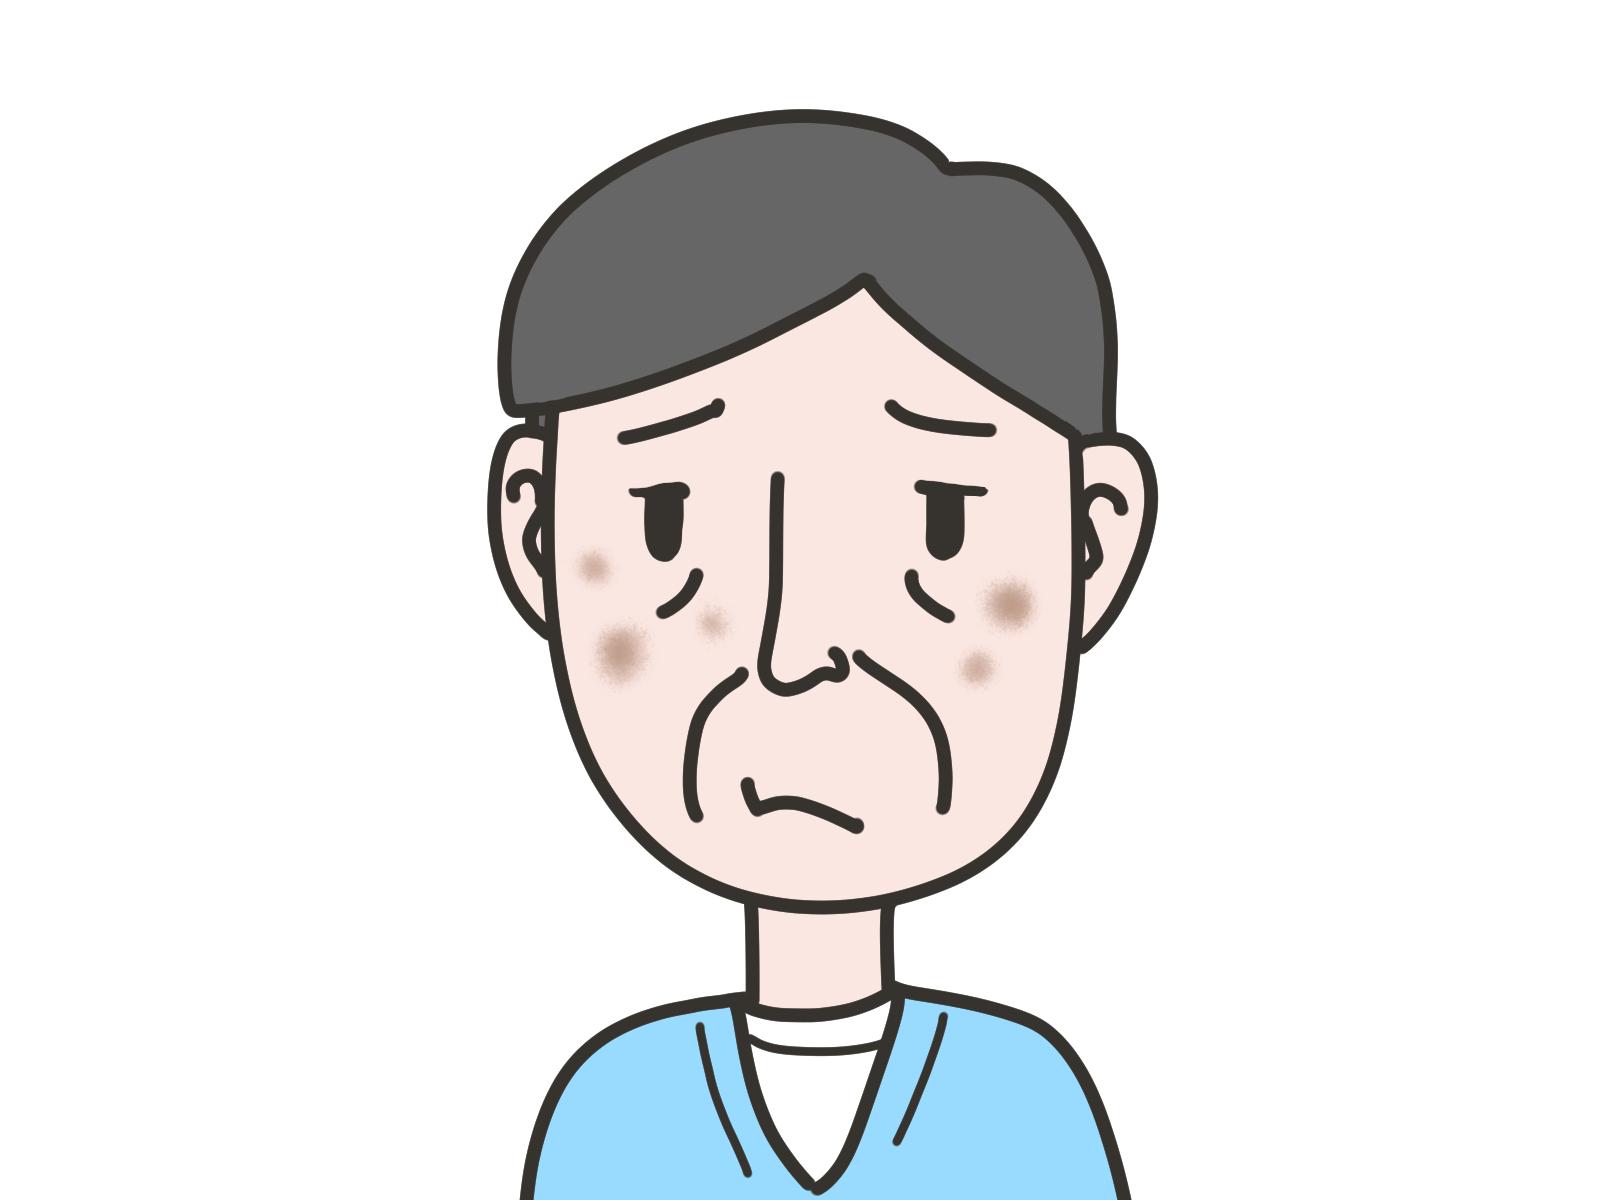 シミそばかす 男性 老人性色素斑